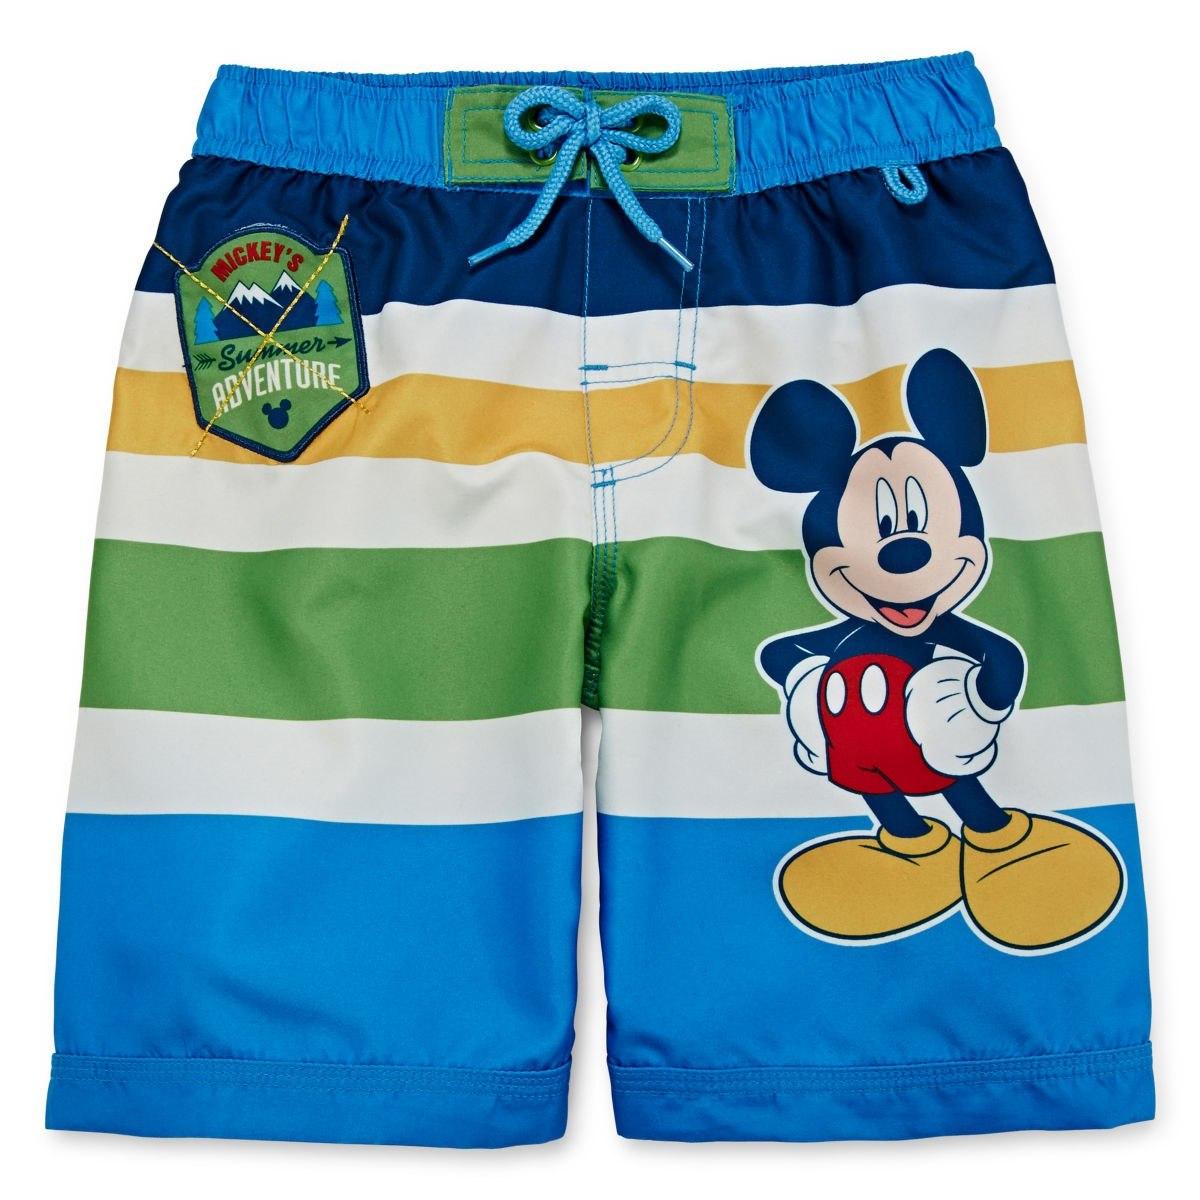 Trajes De Baño Niños | Ropa De Bano Mickey Mouse Para Ninos De Disney S 140 00 En